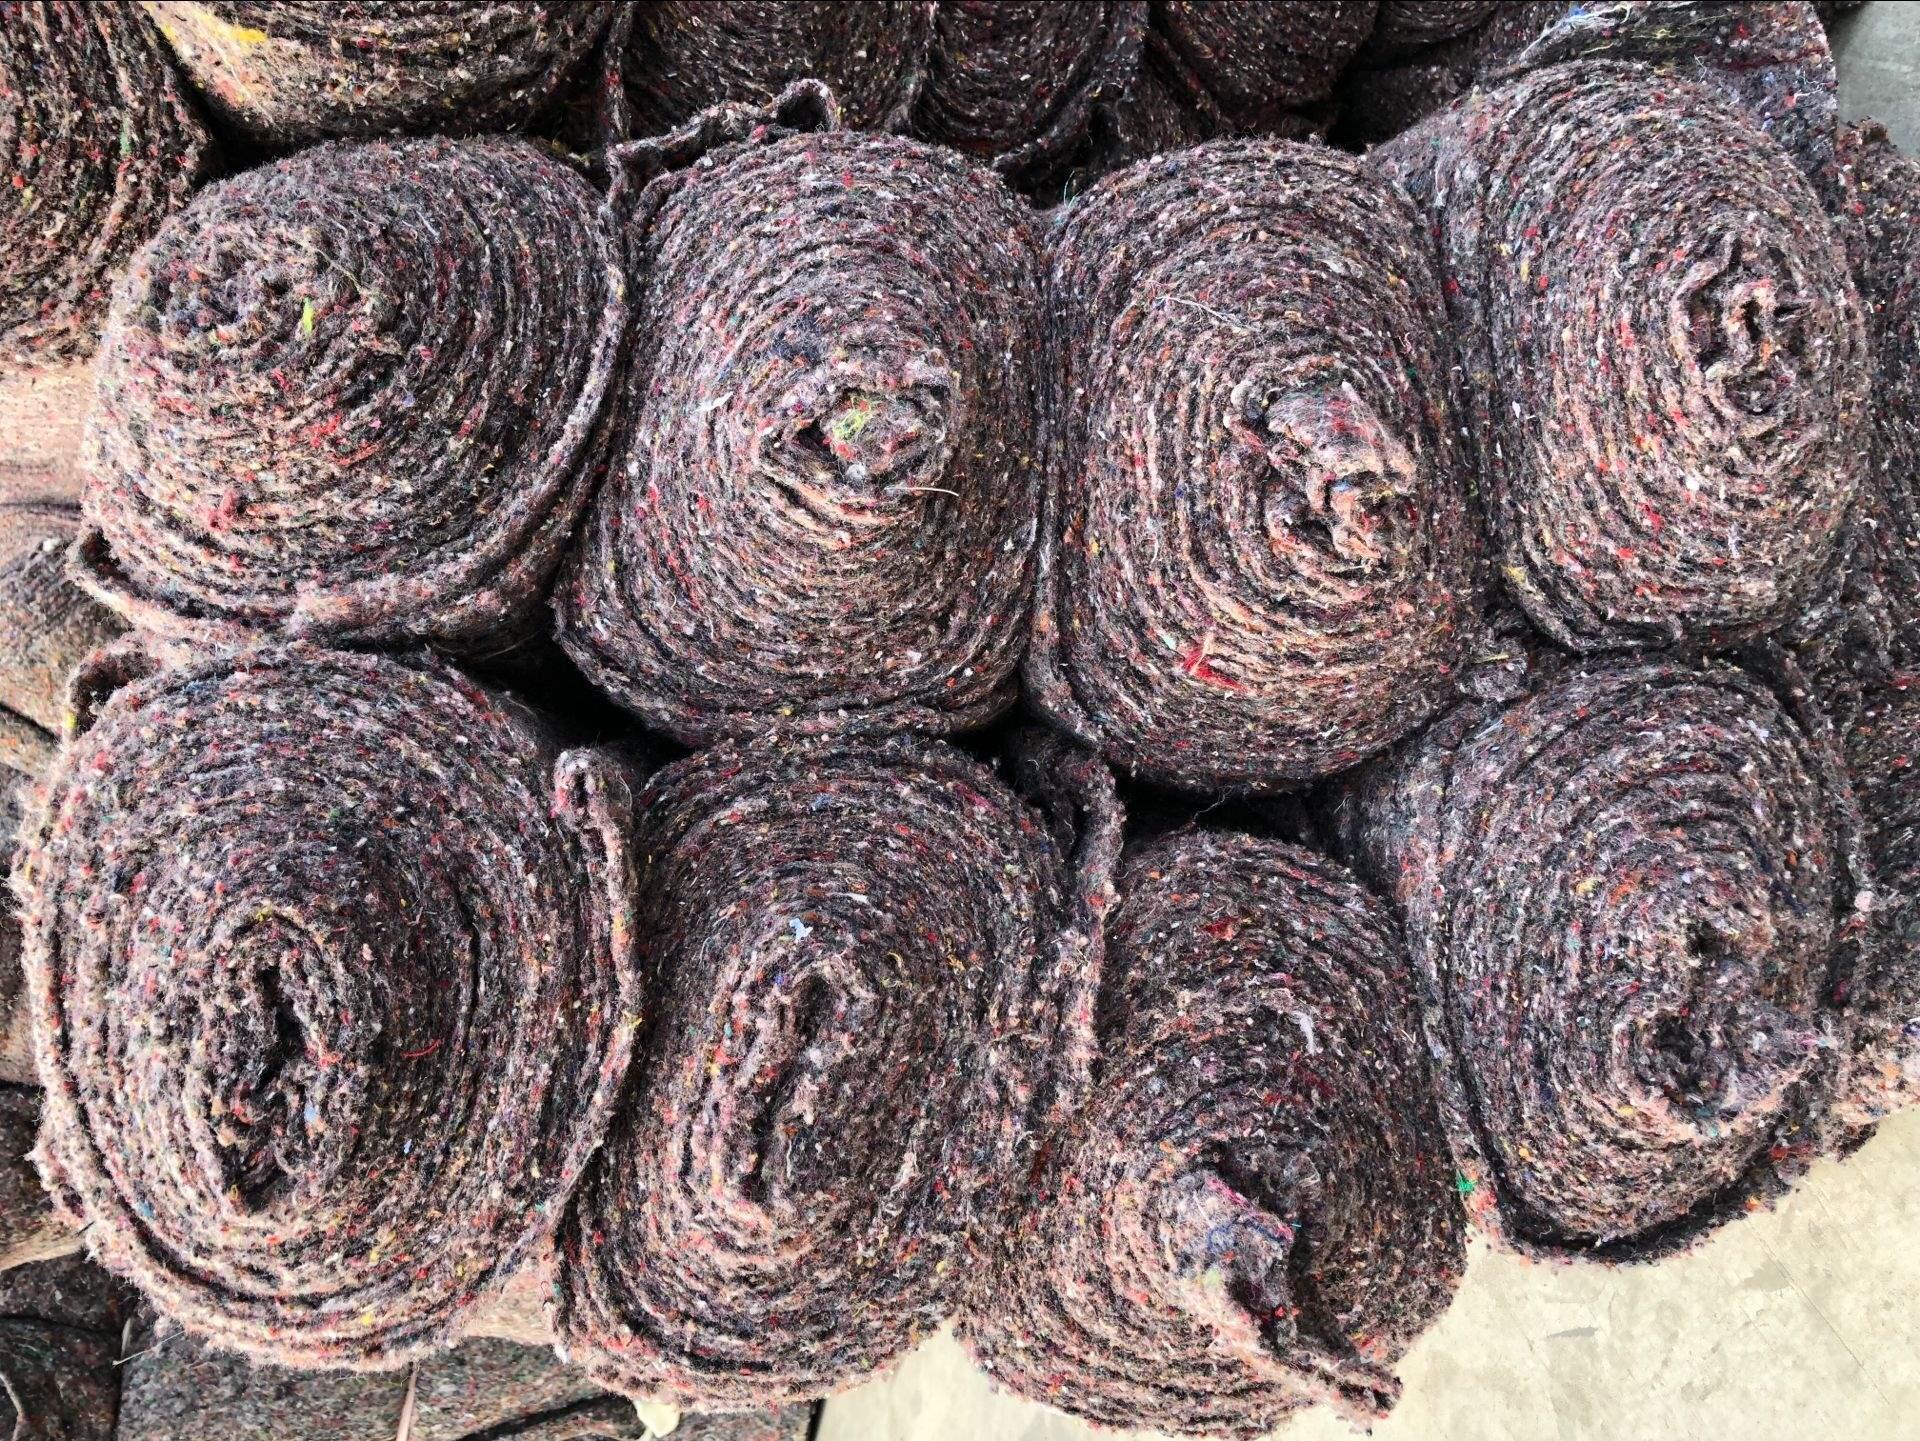 直销运输保护家具包装毯子防护搬家打包发物流用毛毯毛毡垫子厂家